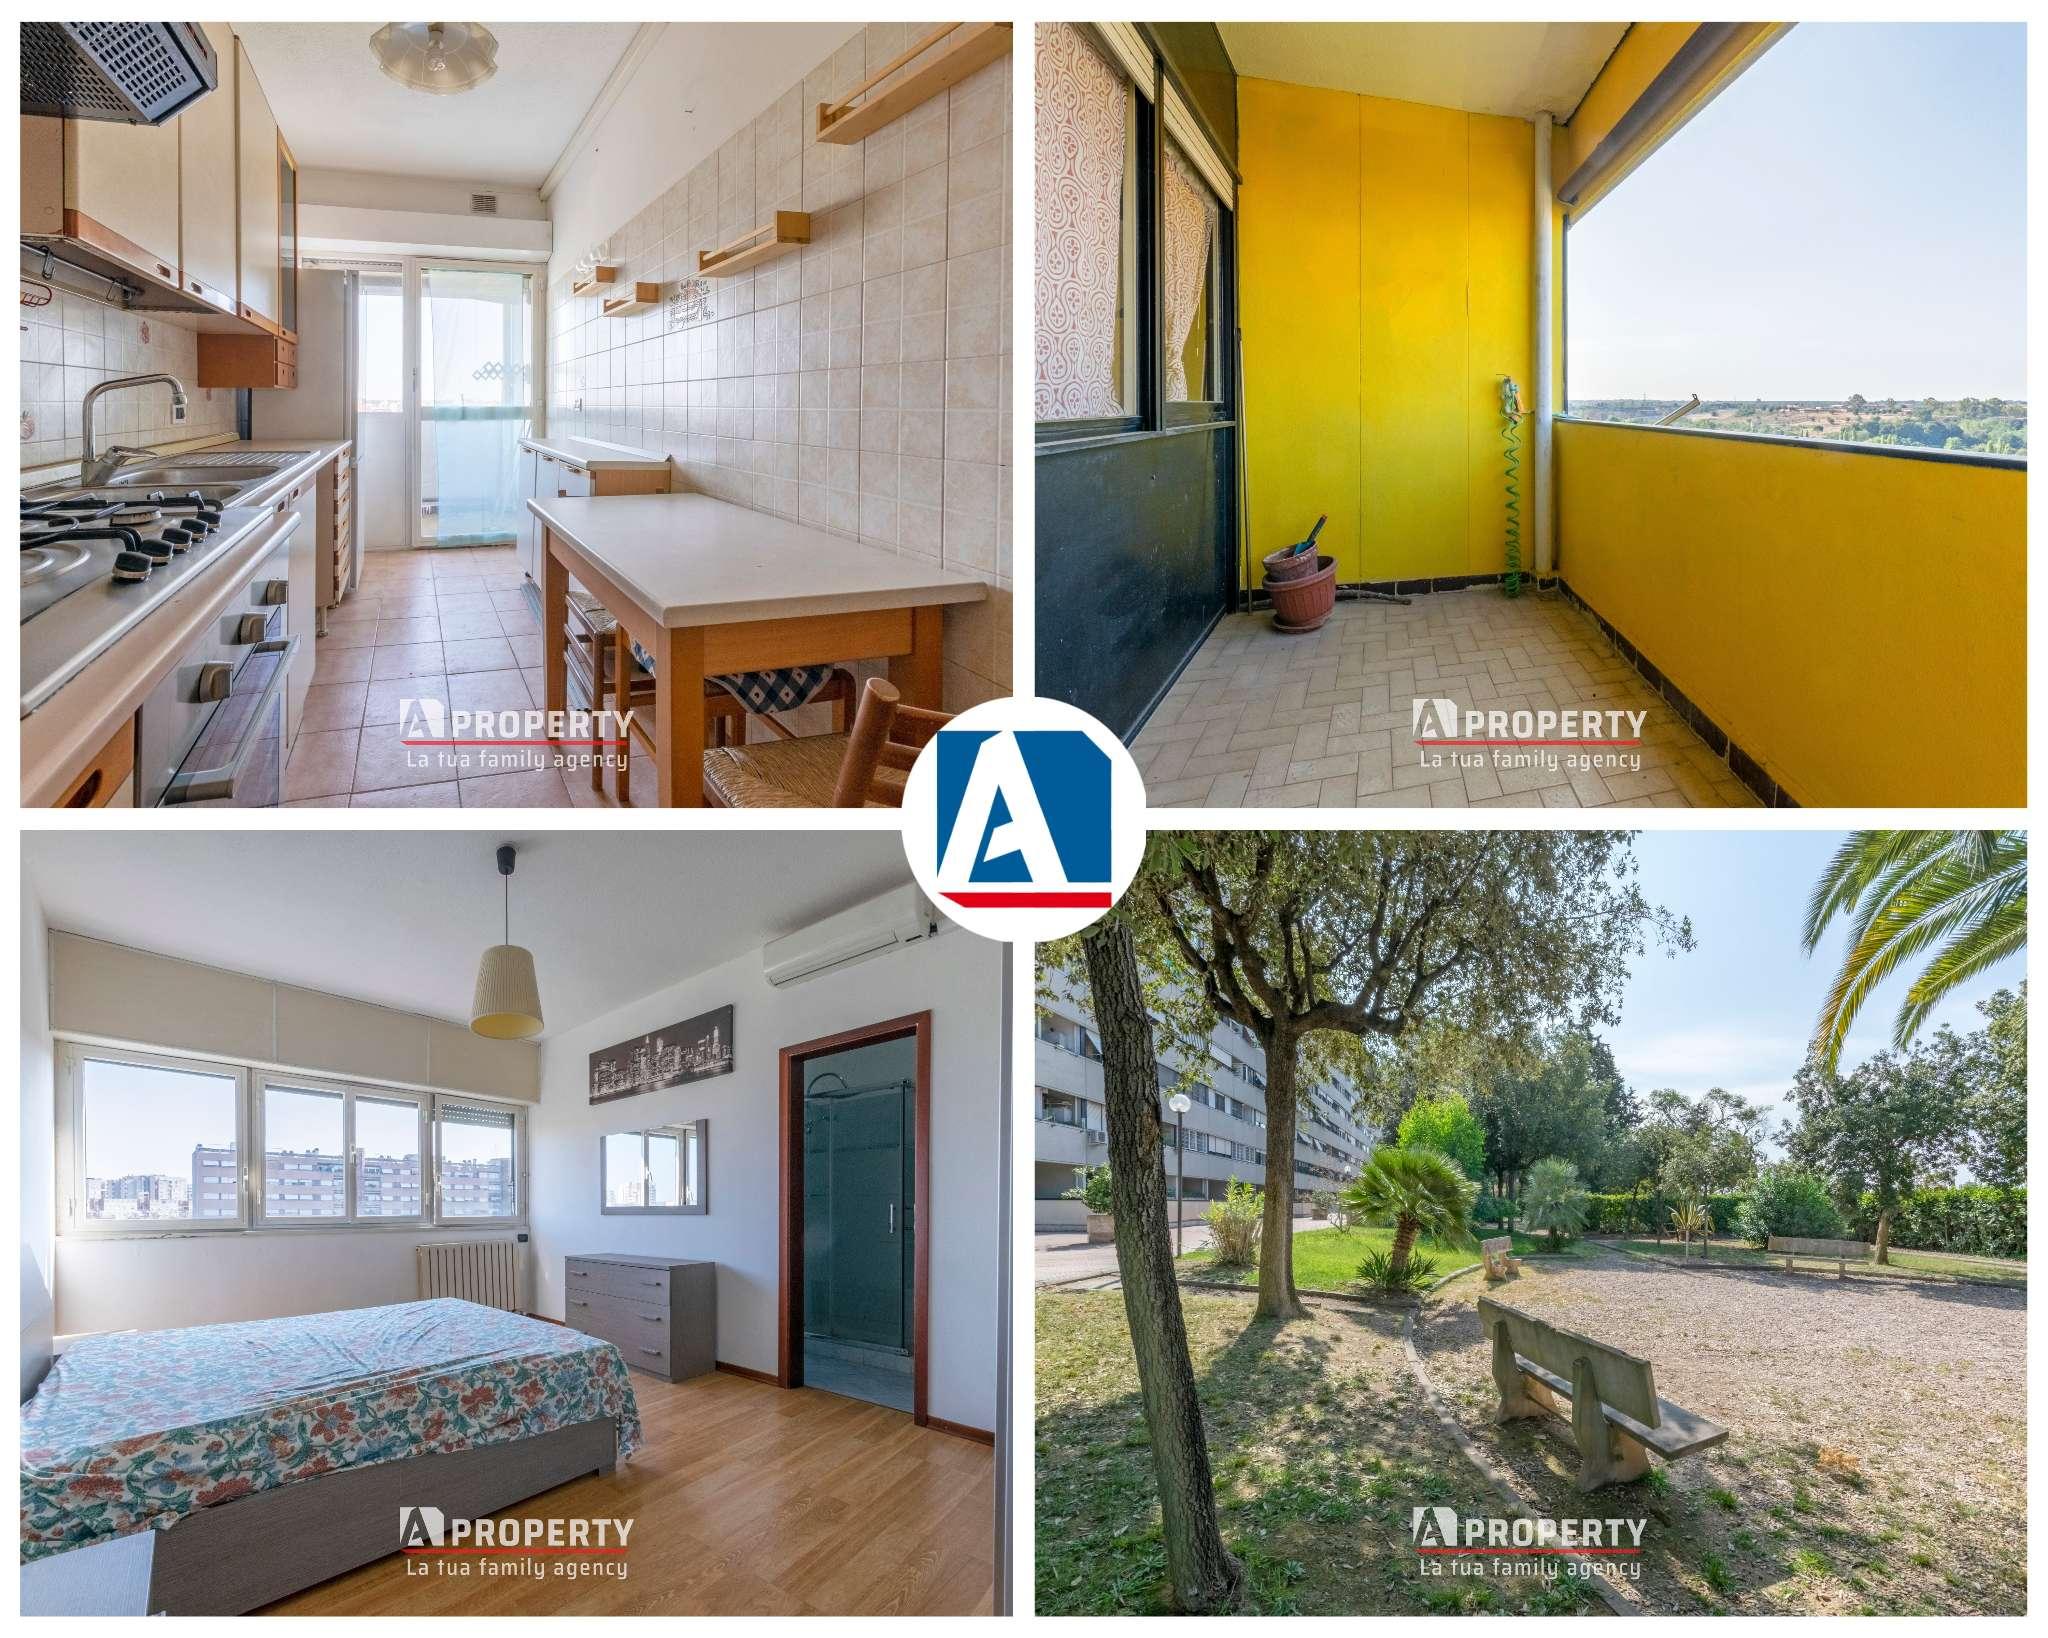 Appartamento in vendita a Roma, 4 locali, zona Zona: 21 . Laurentina, prezzo € 298.000 | CambioCasa.it